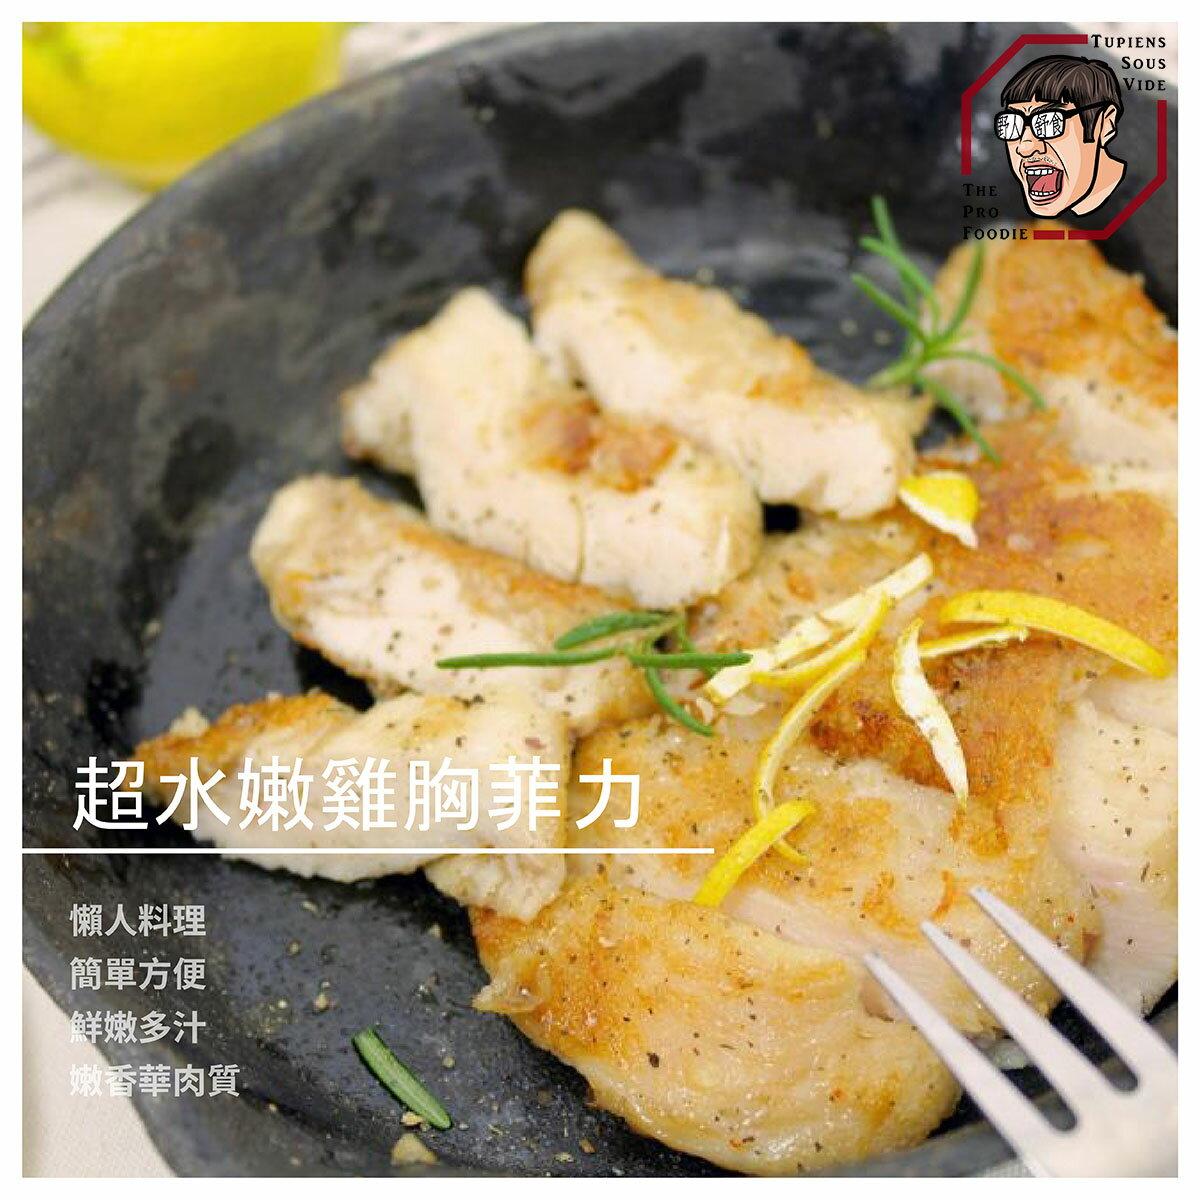 【野人舒食】超水嫩雞胸菲力 (生) (優惠組合包)